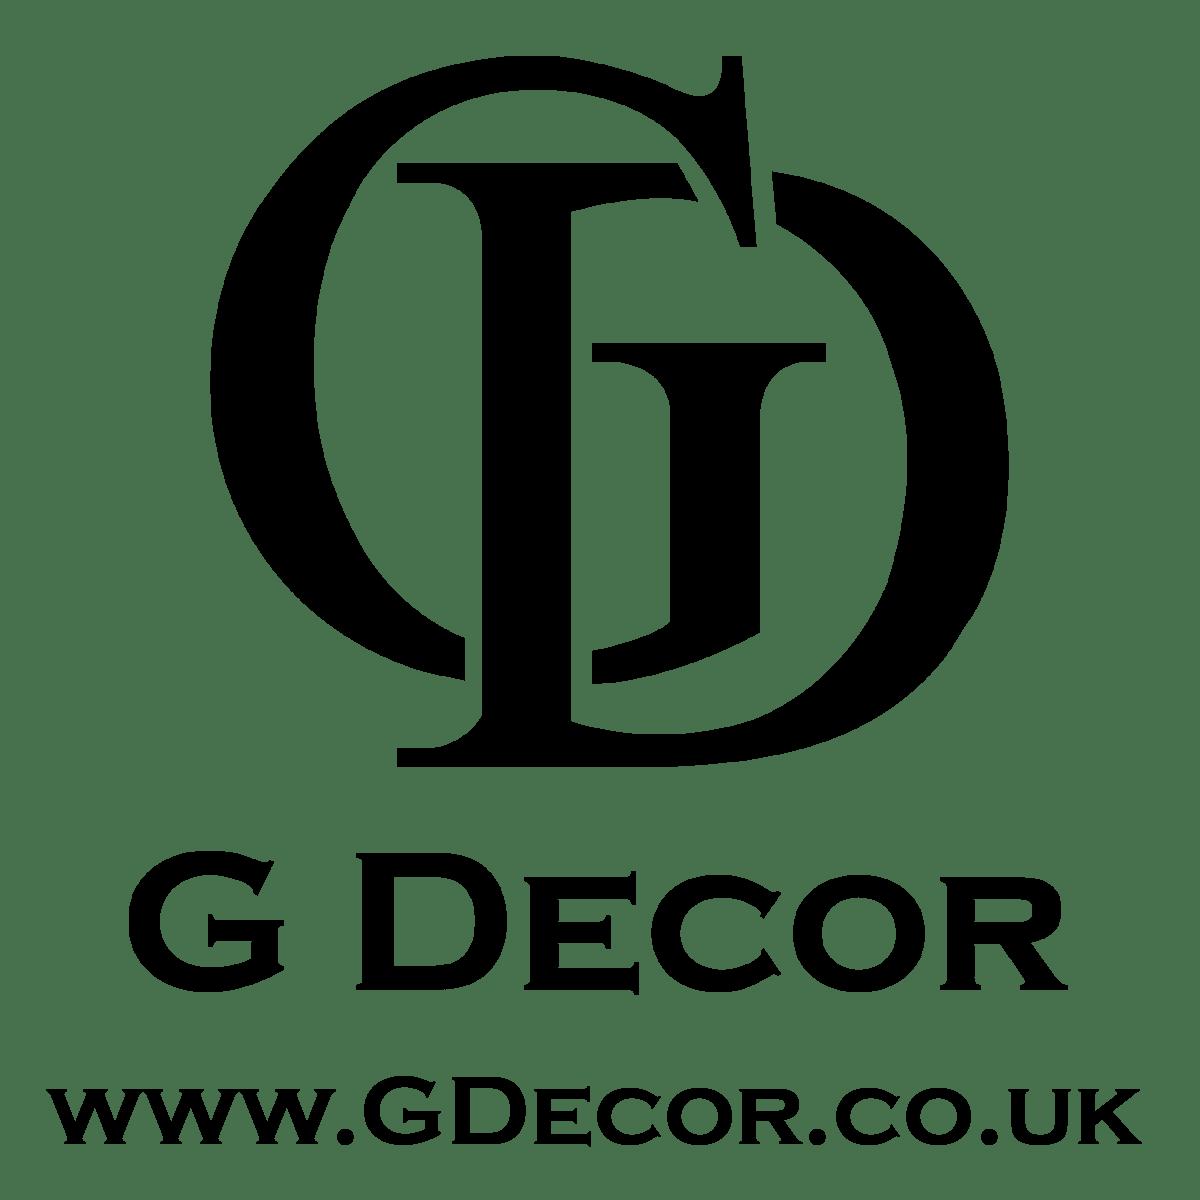 G Decor Reviews